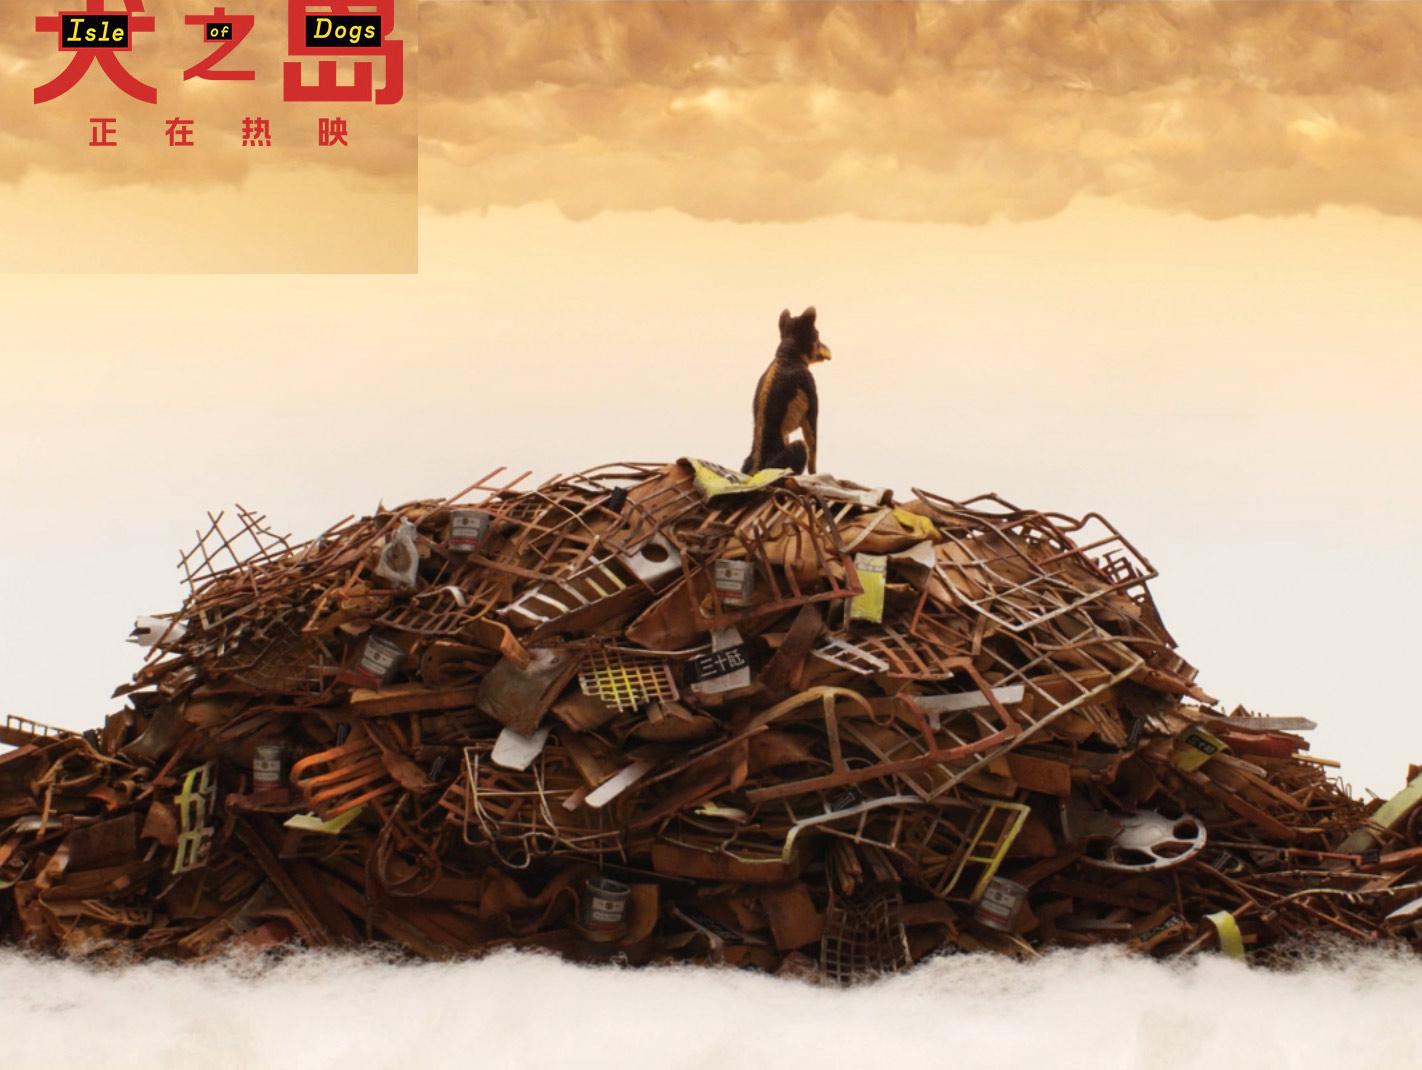 朱亚文宋佳配音电影《犬之岛》今日上映